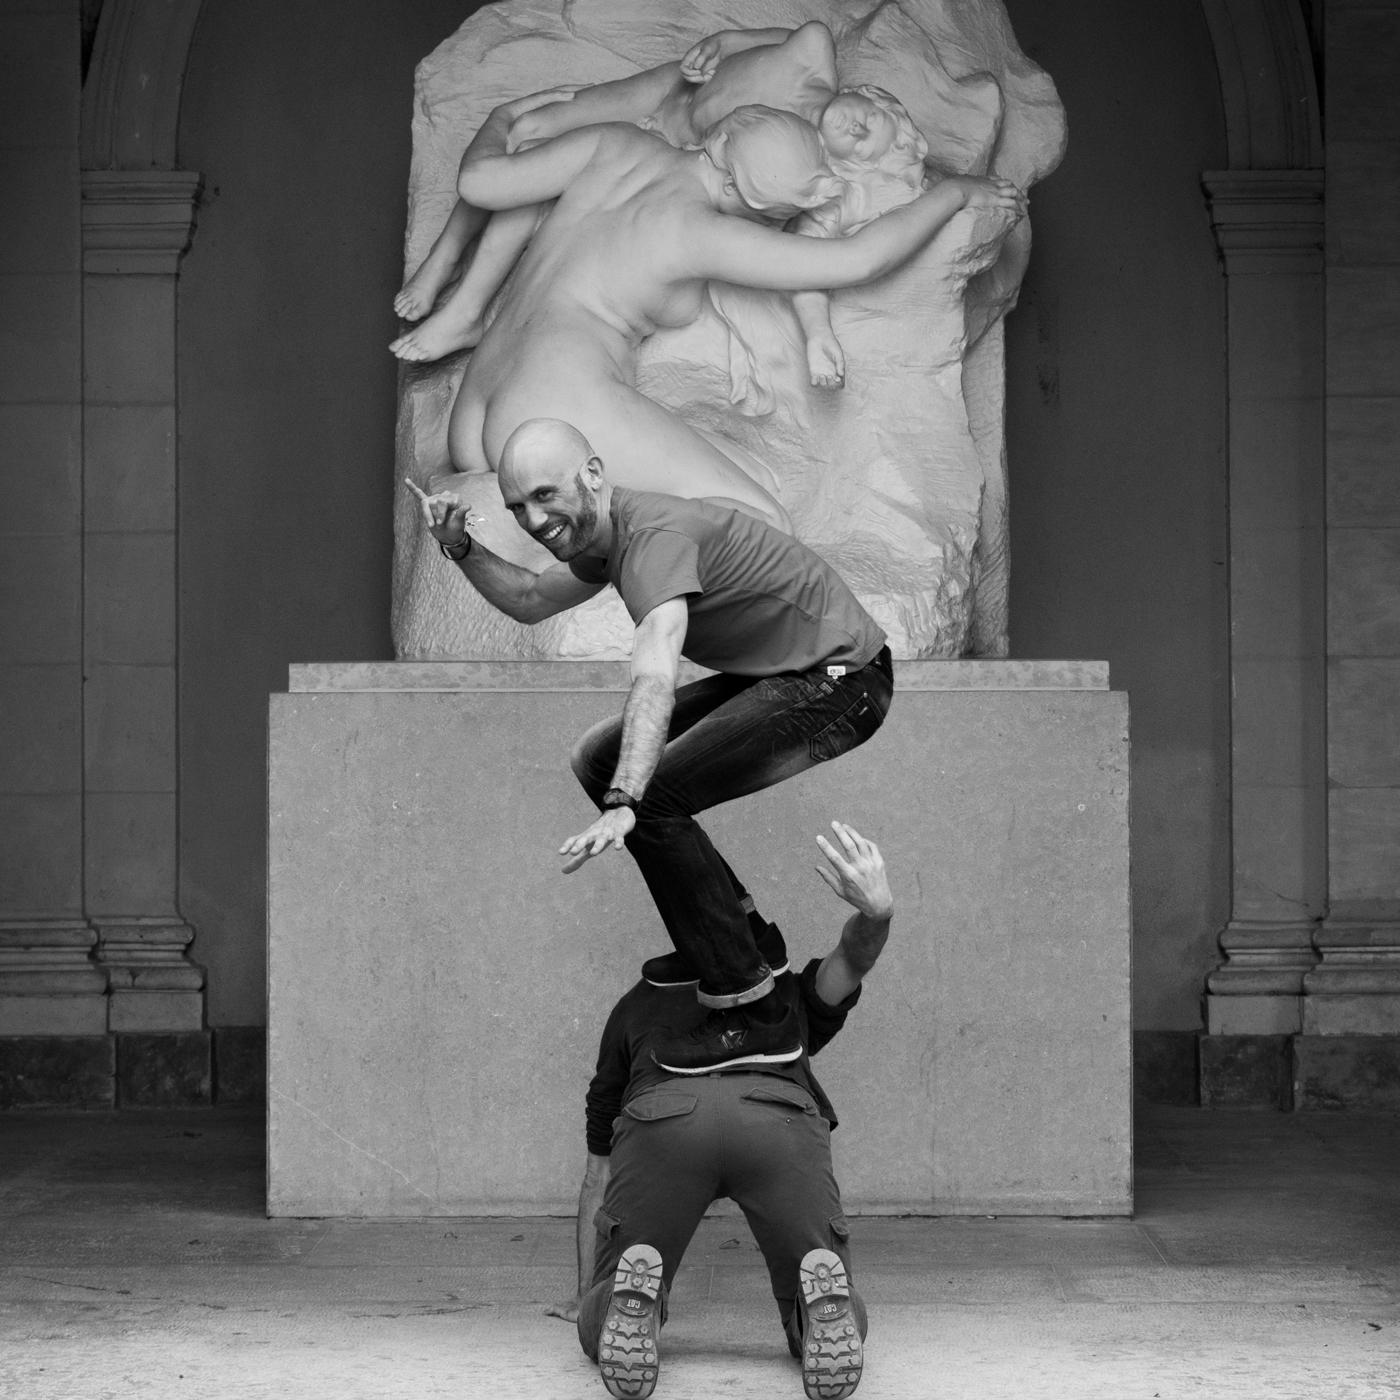 Musée_Lyon_2016_-_Autoportrait_en_rider